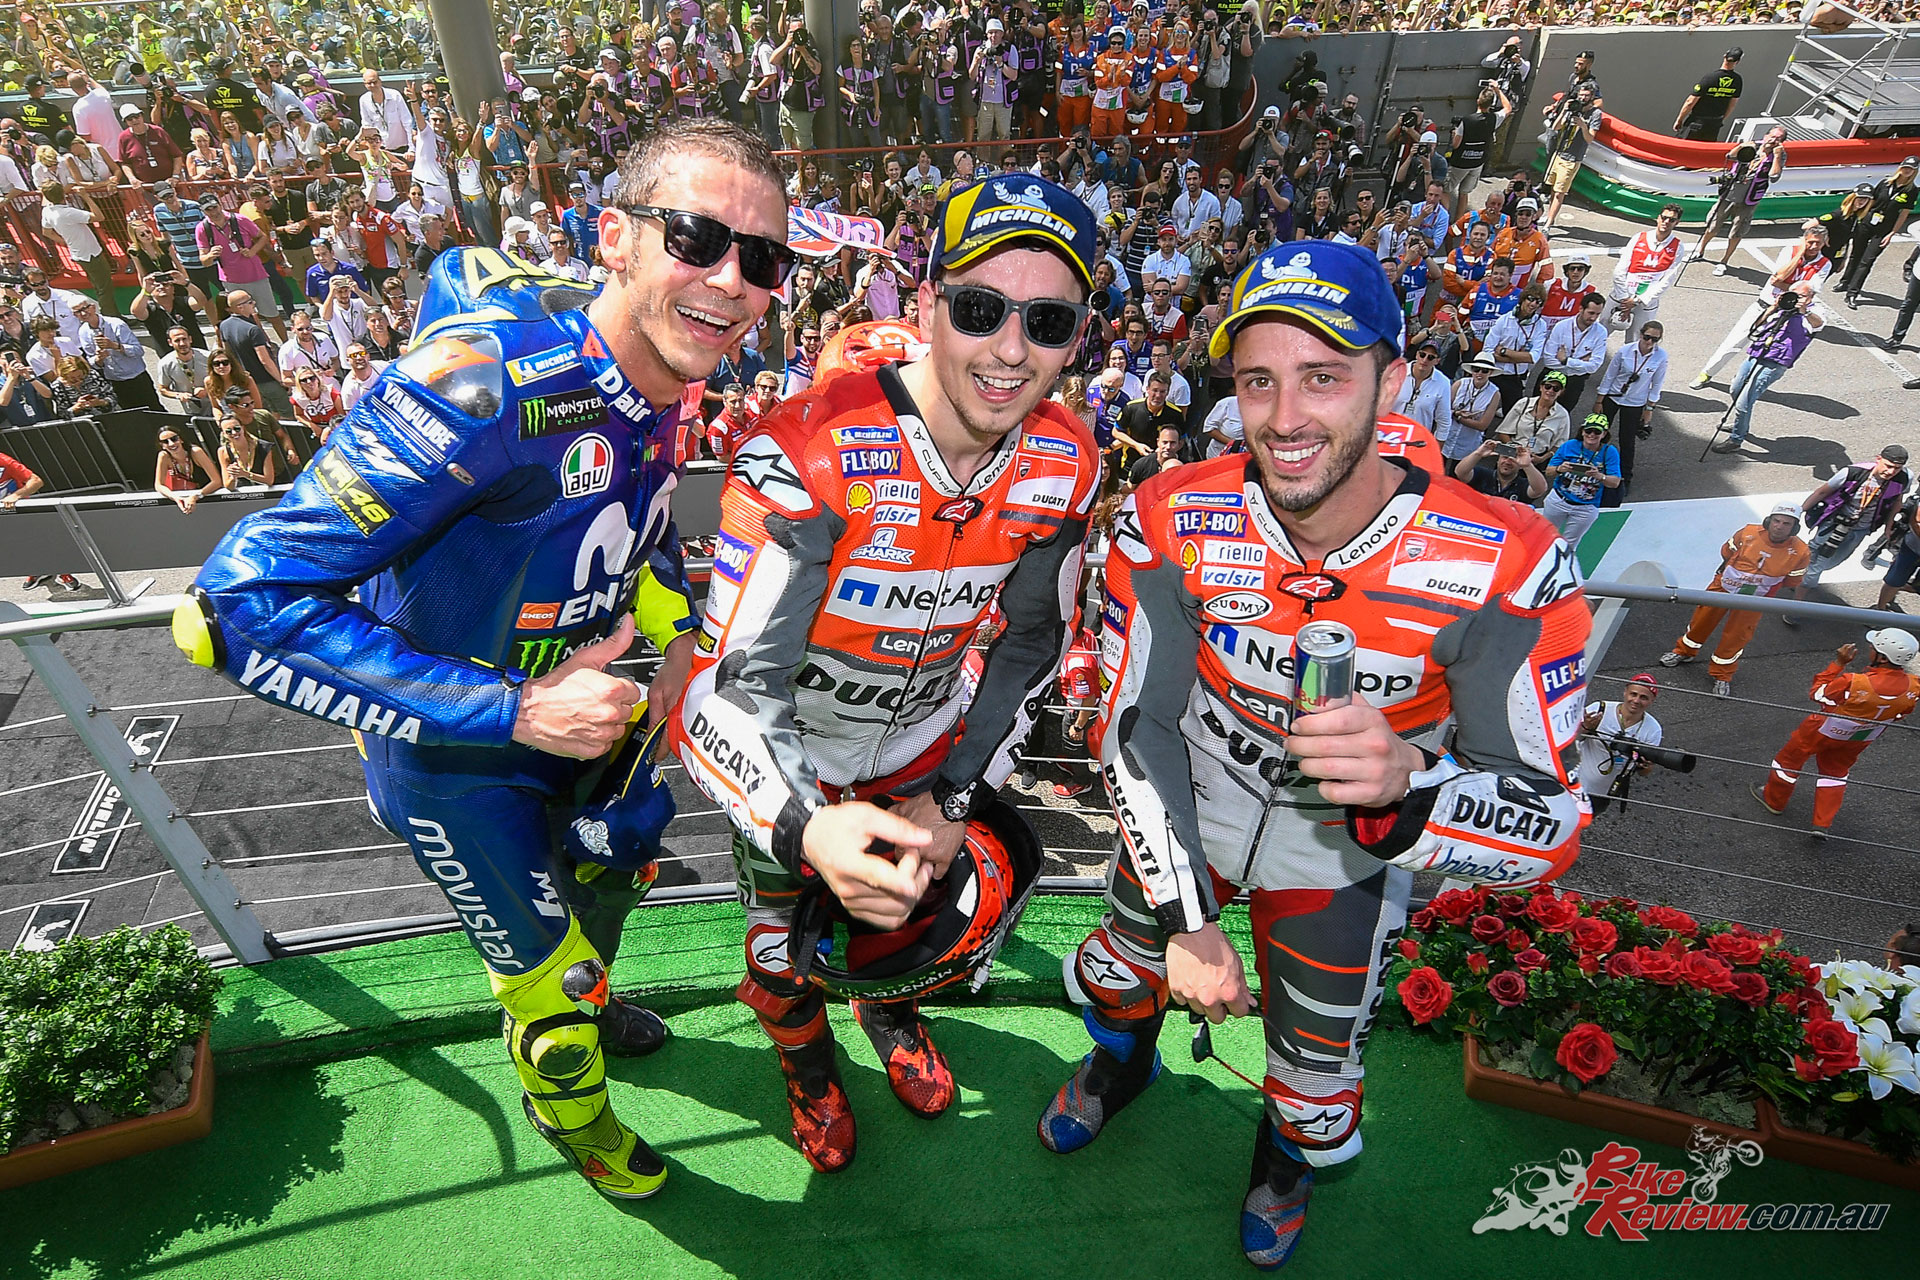 MotoGP Mugello Podium